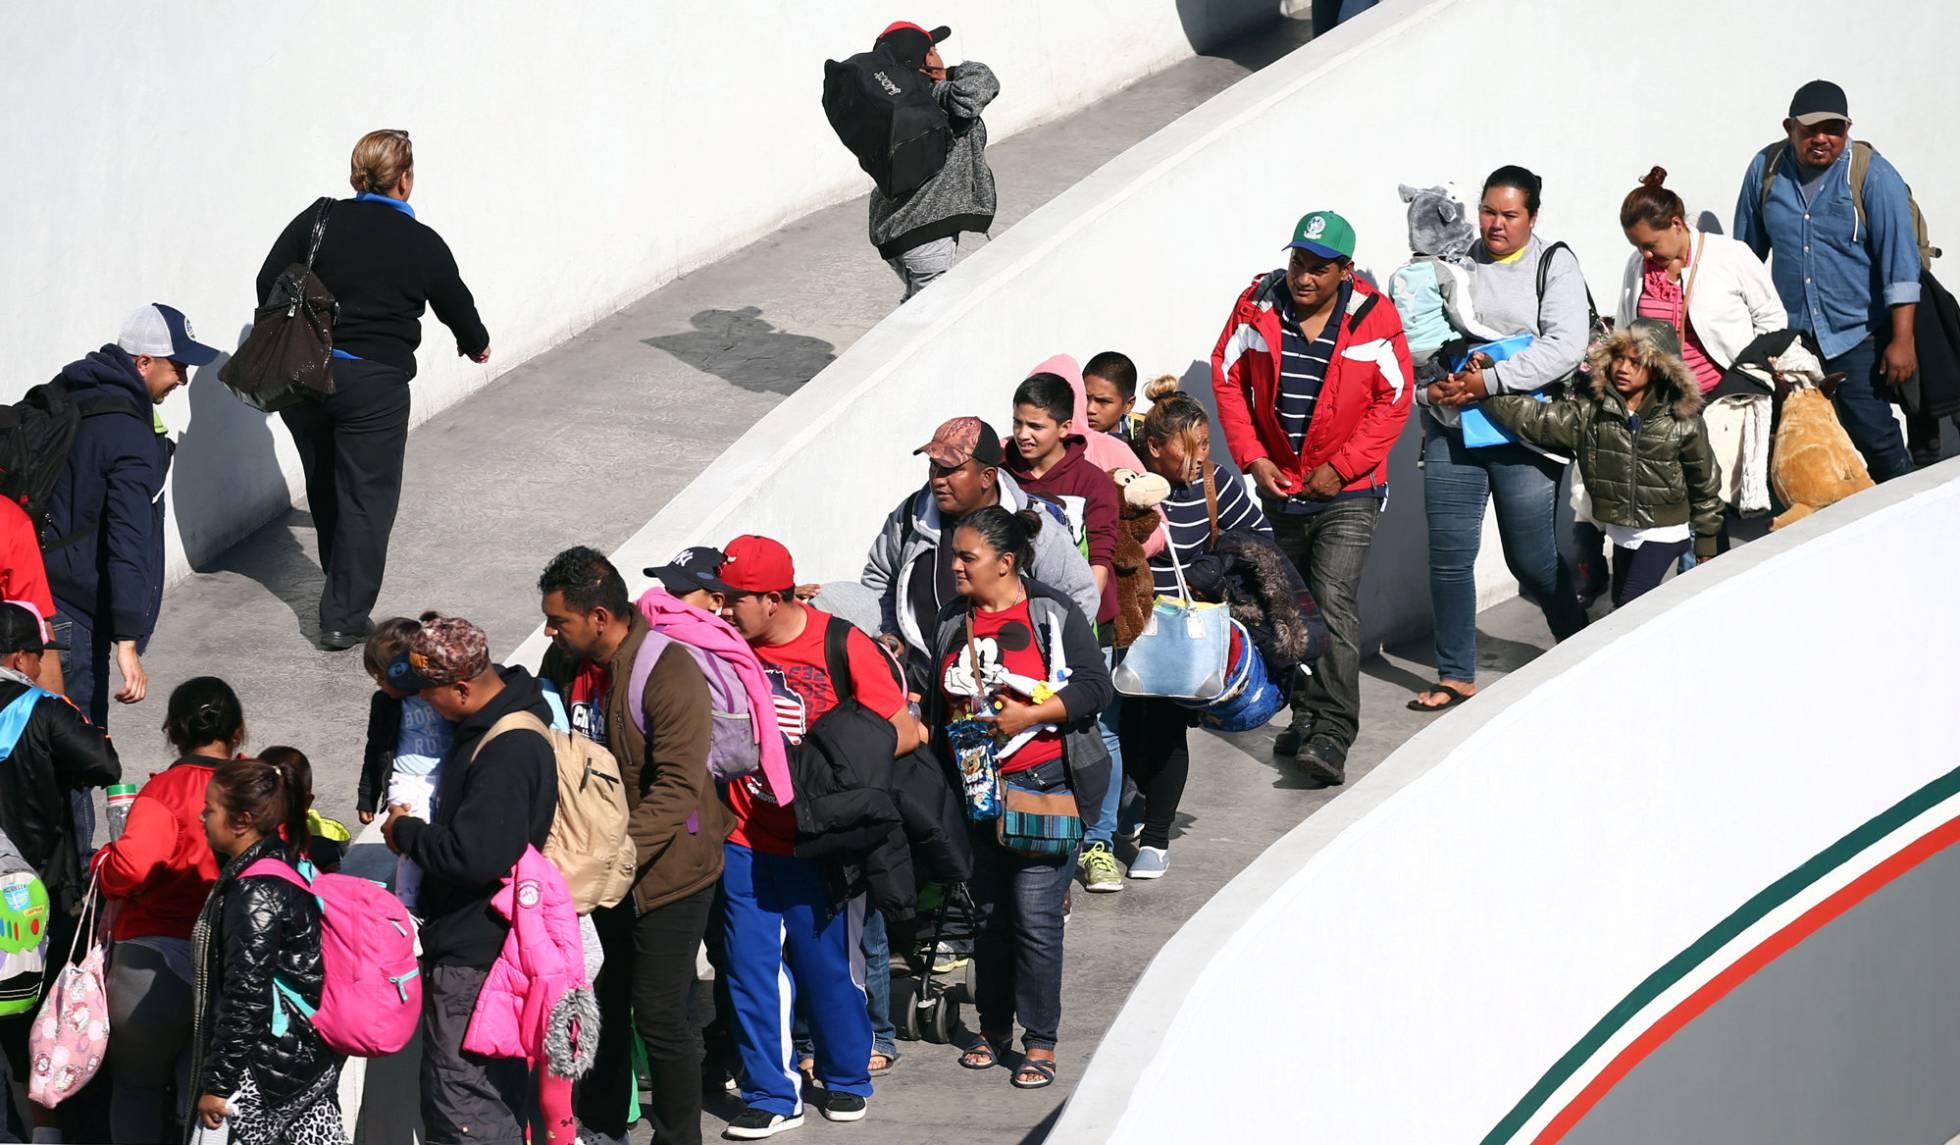 Estados Unidos recibe a todos los miembros de la caravana migrante que acamparon en Tijuana